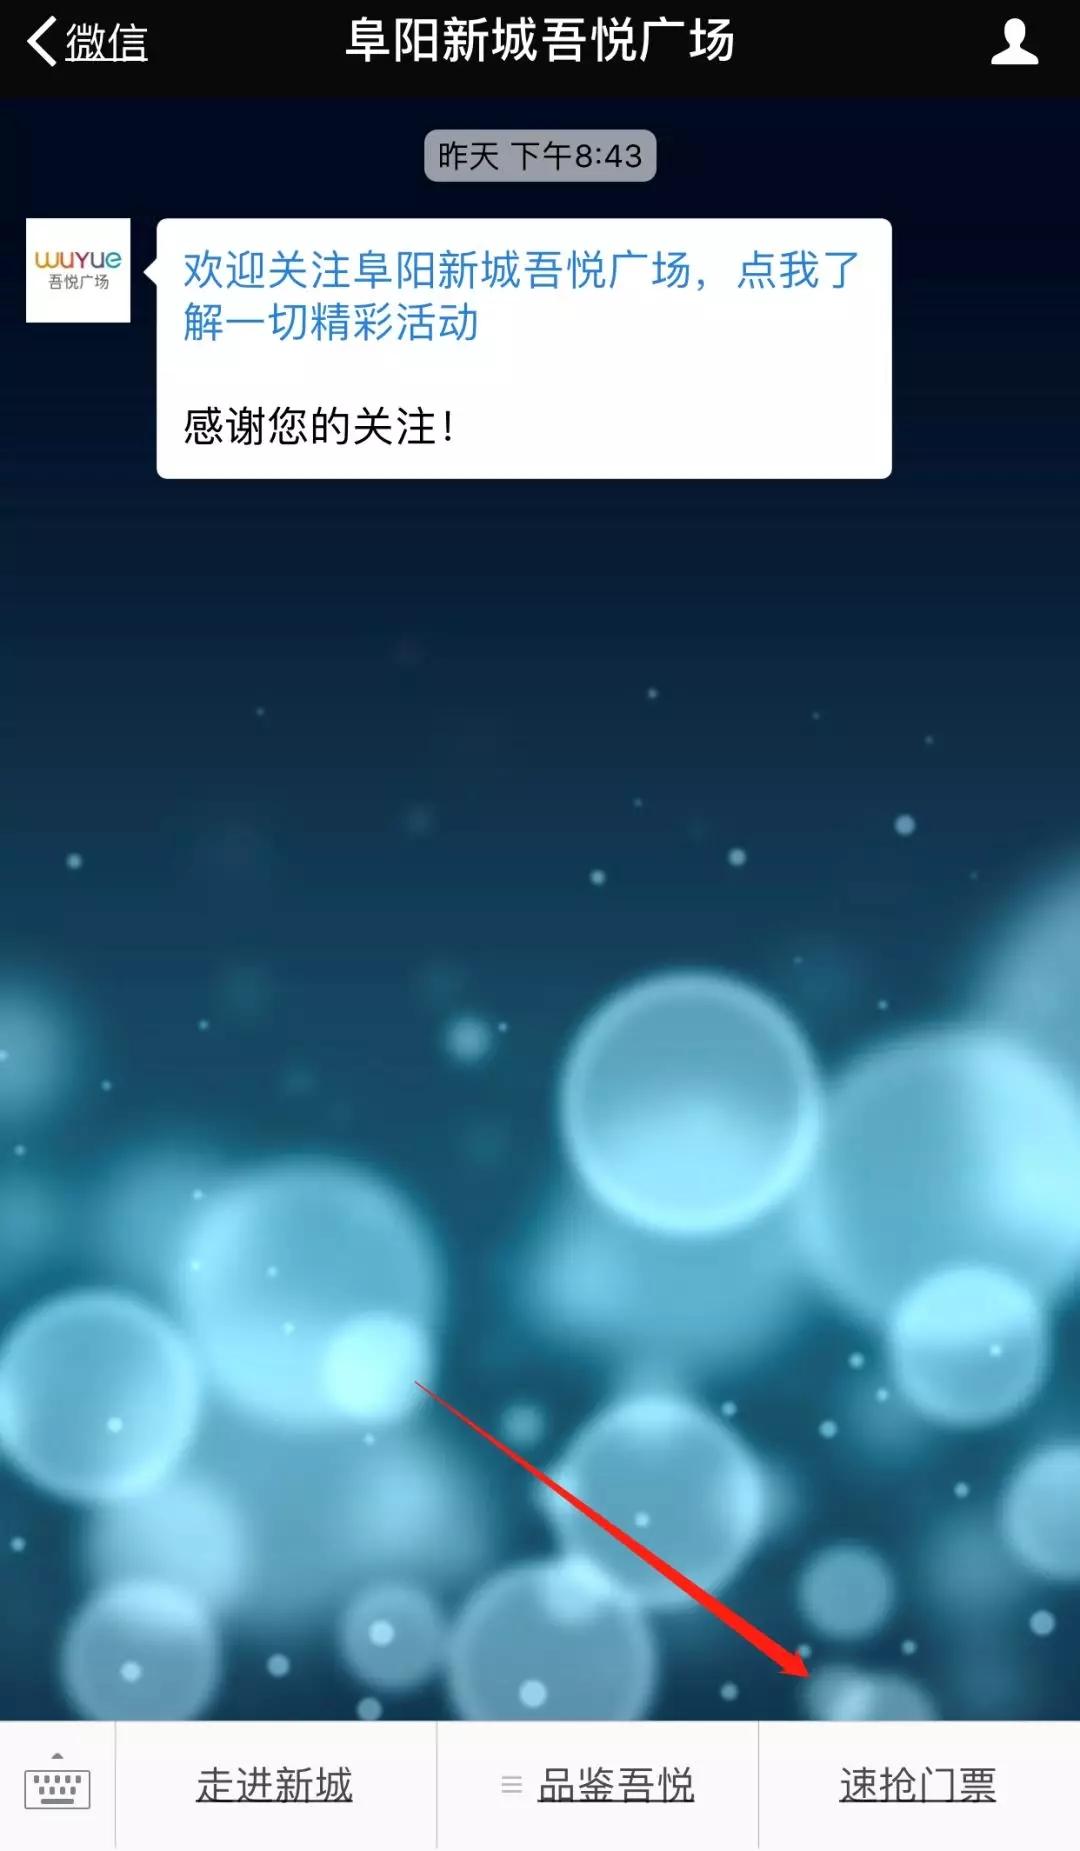 阜阳新城吾悦广场微信抢票